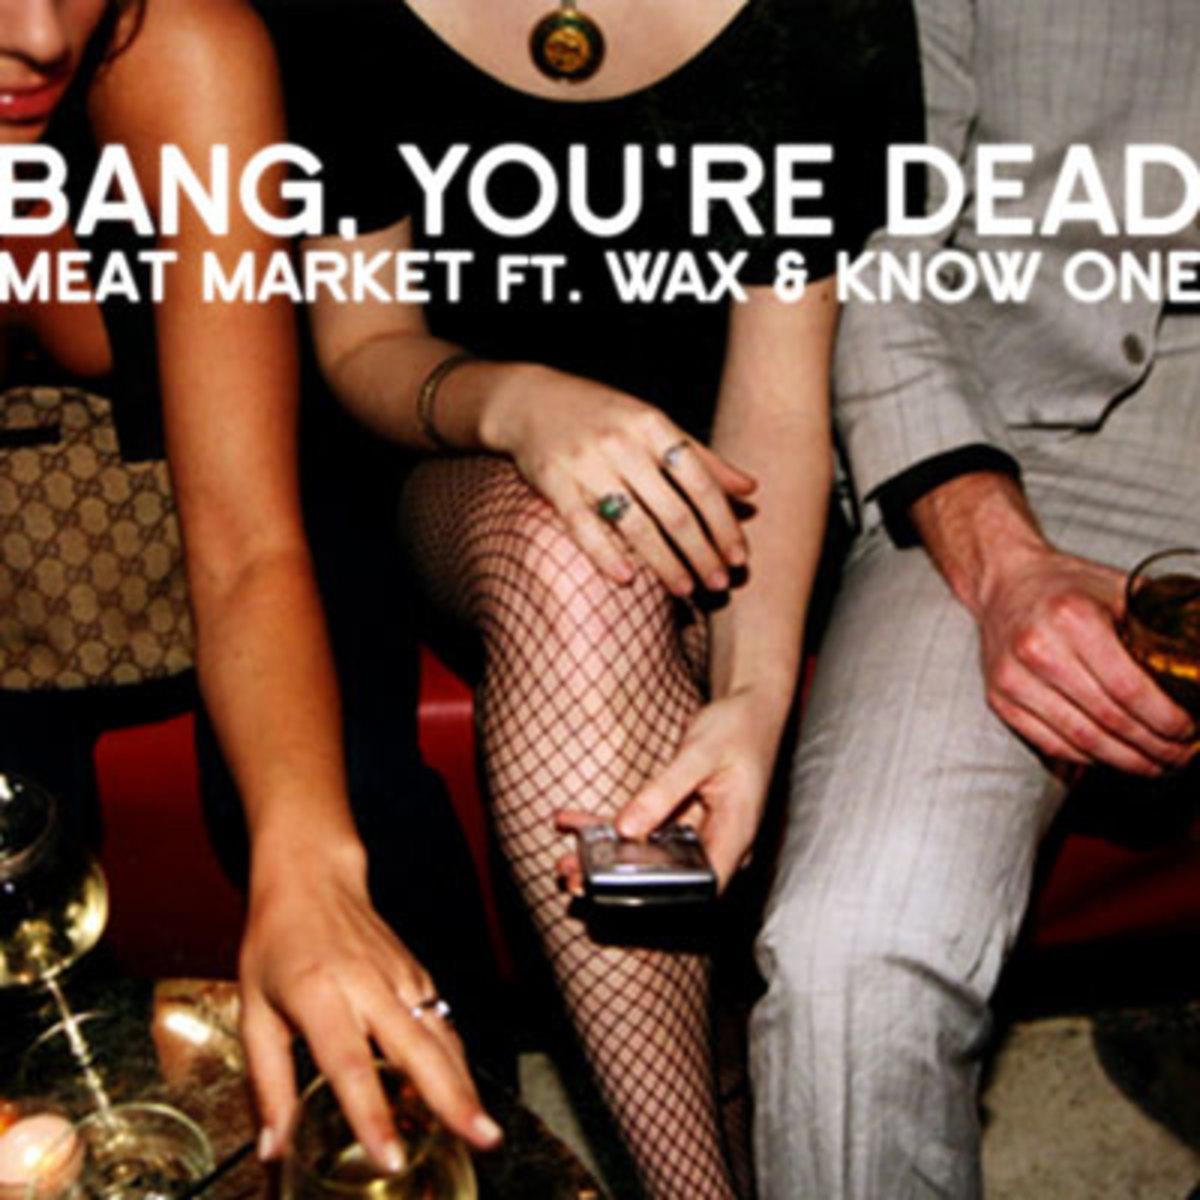 bangyourdead-meatmarket.jpg